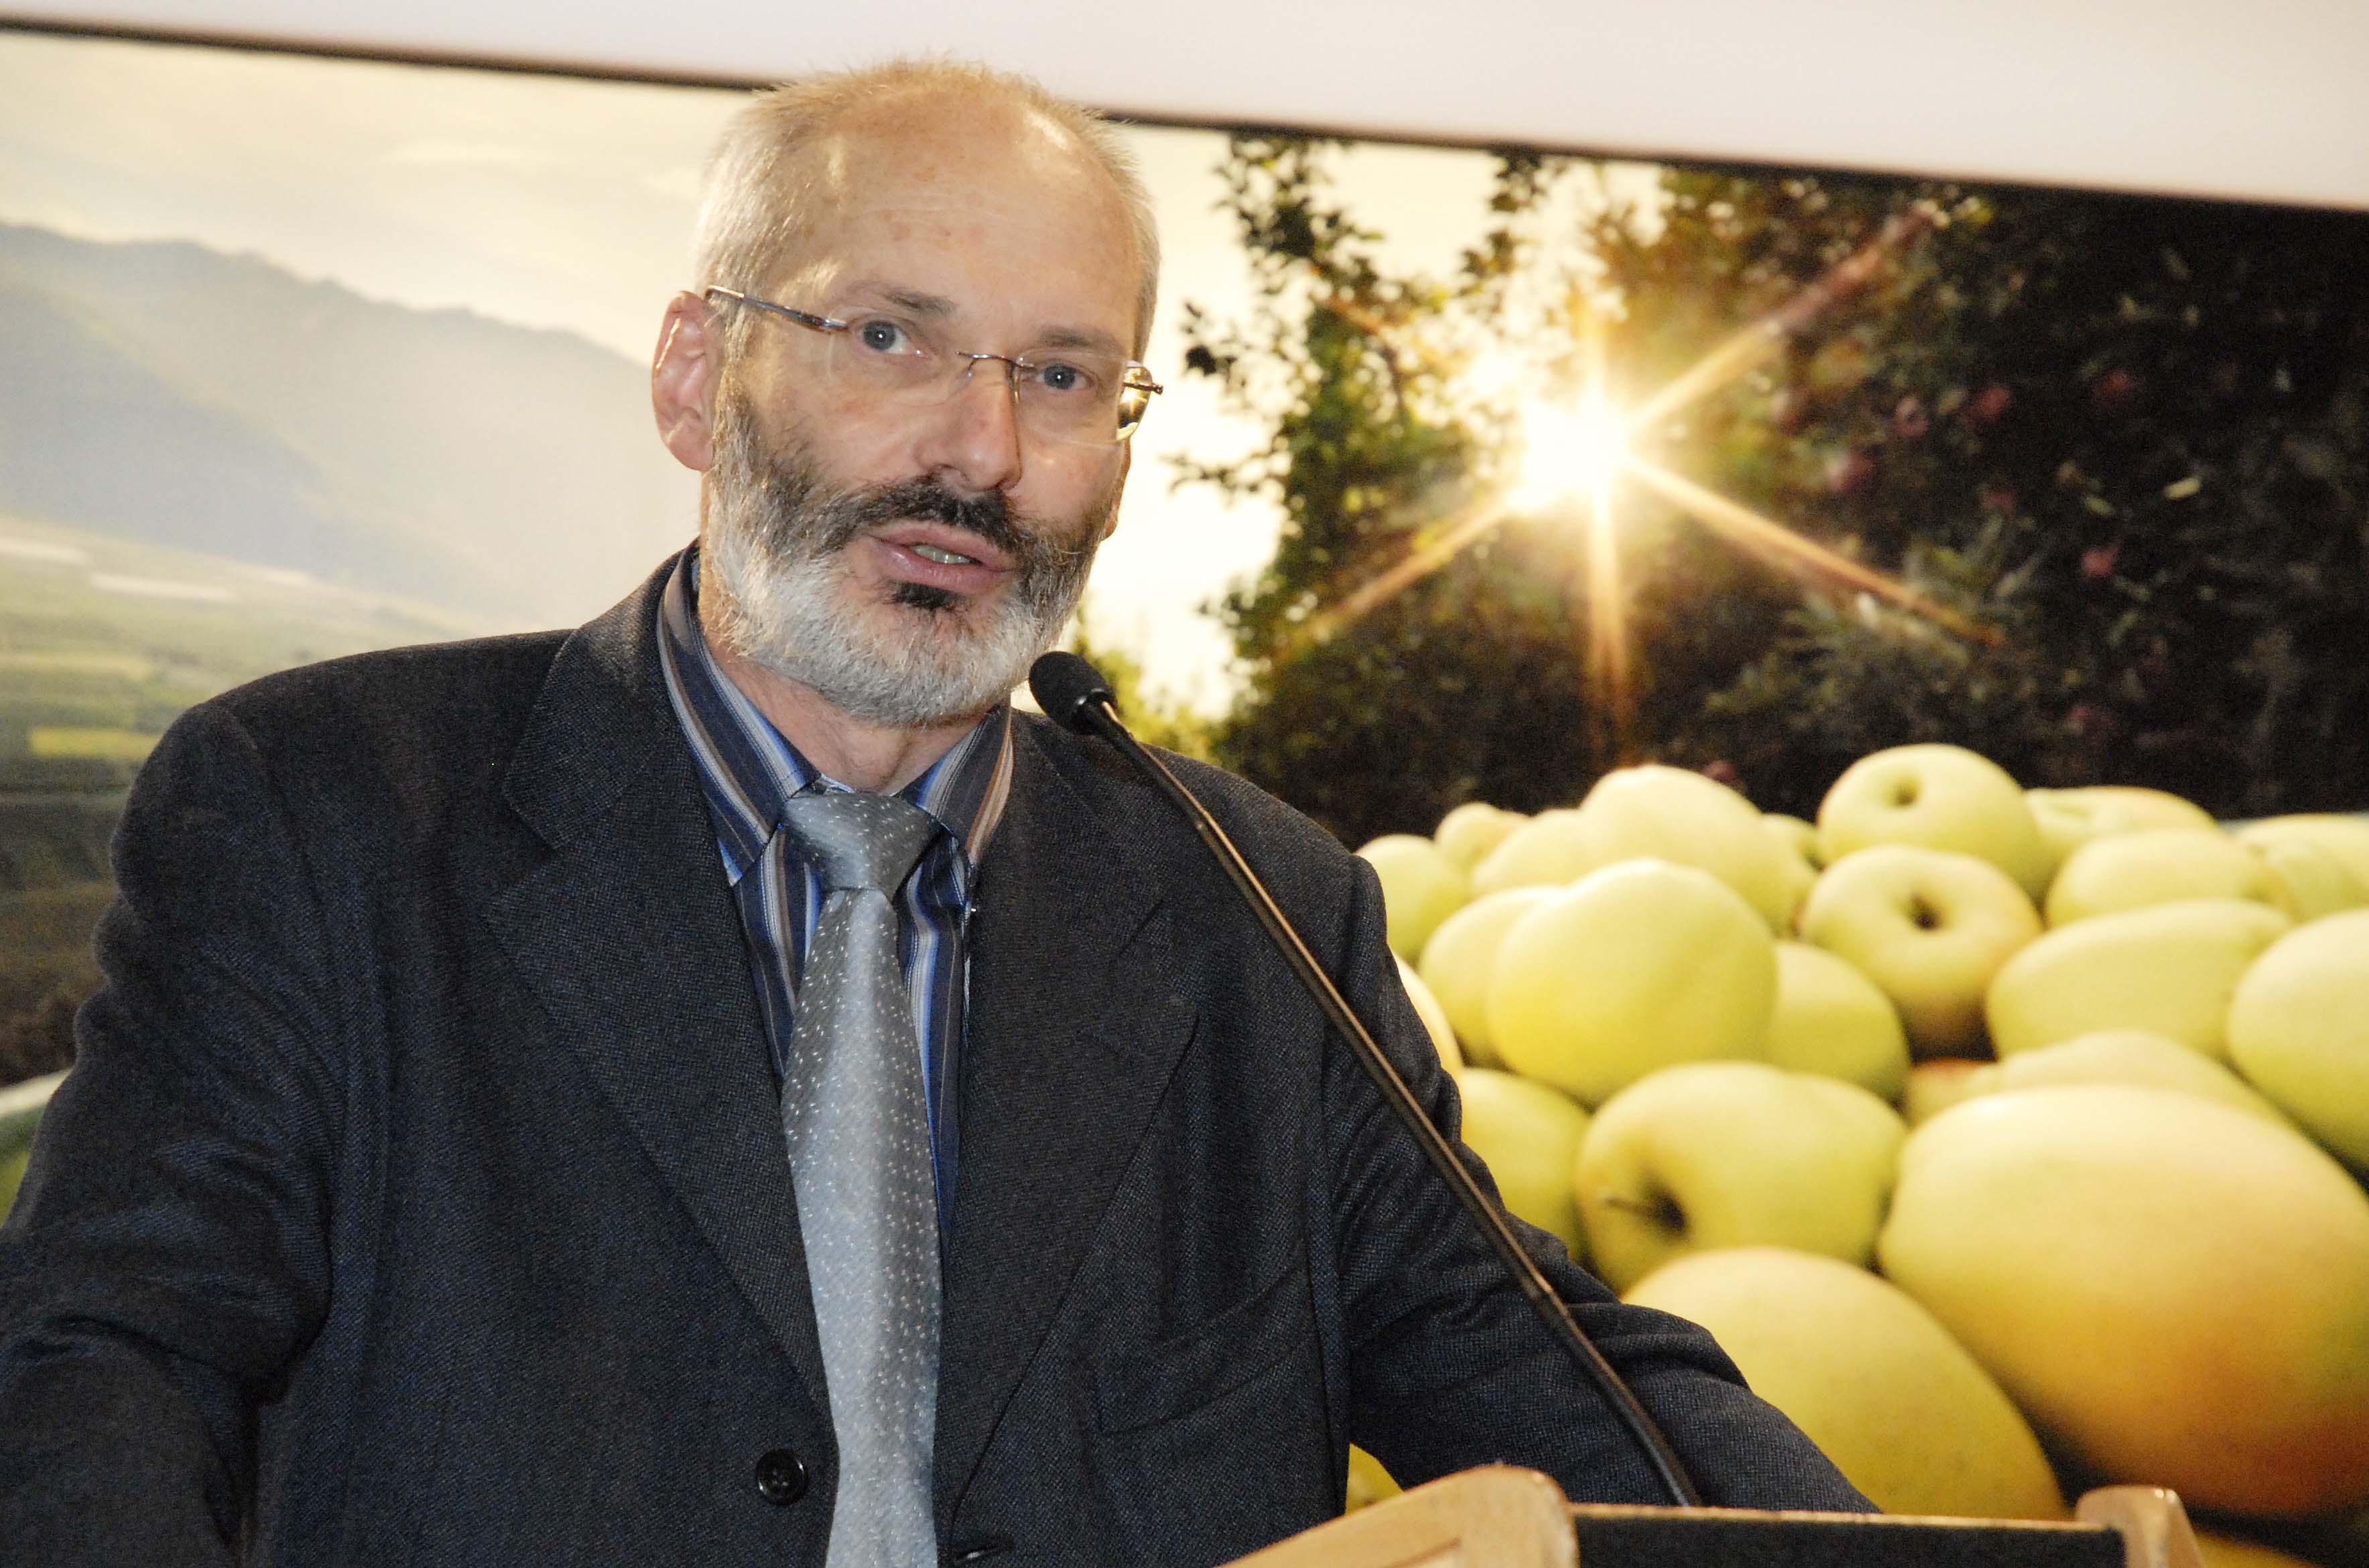 Alessandro Dalpiaz, direttore di Assomela e membro del board di GlobalG.A.P.